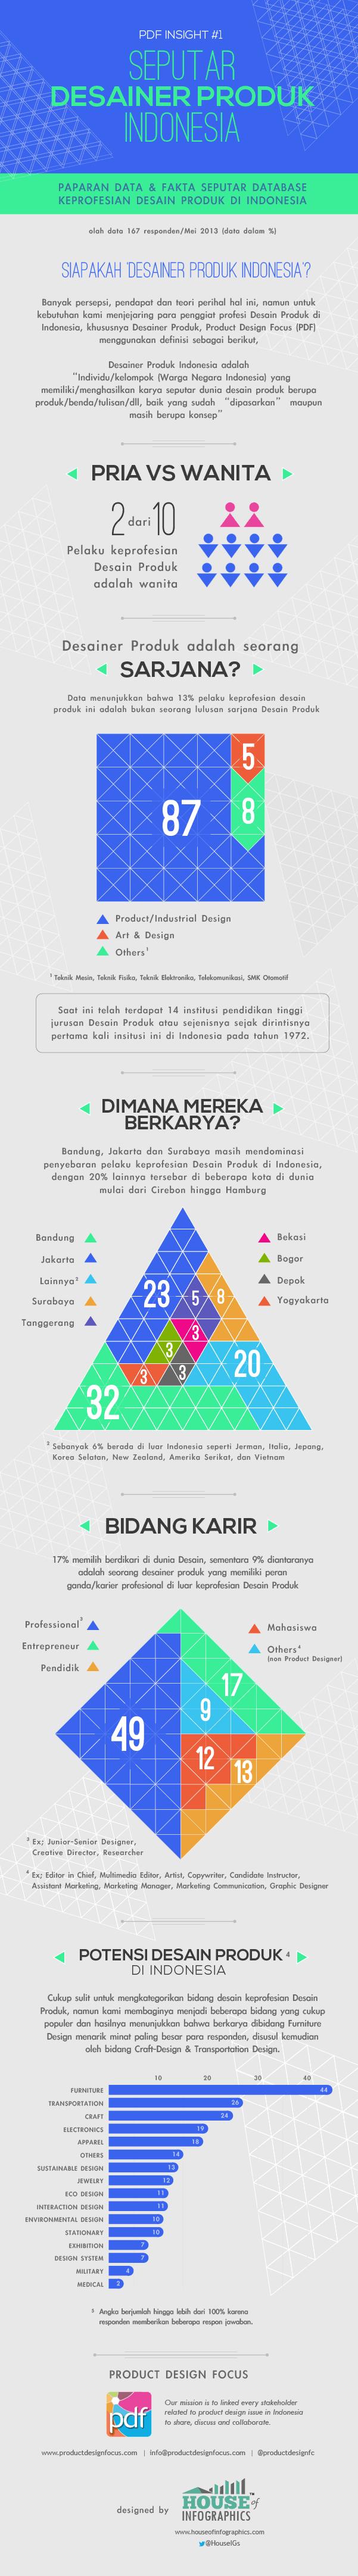 Infografis Desainer Produk Indonesia